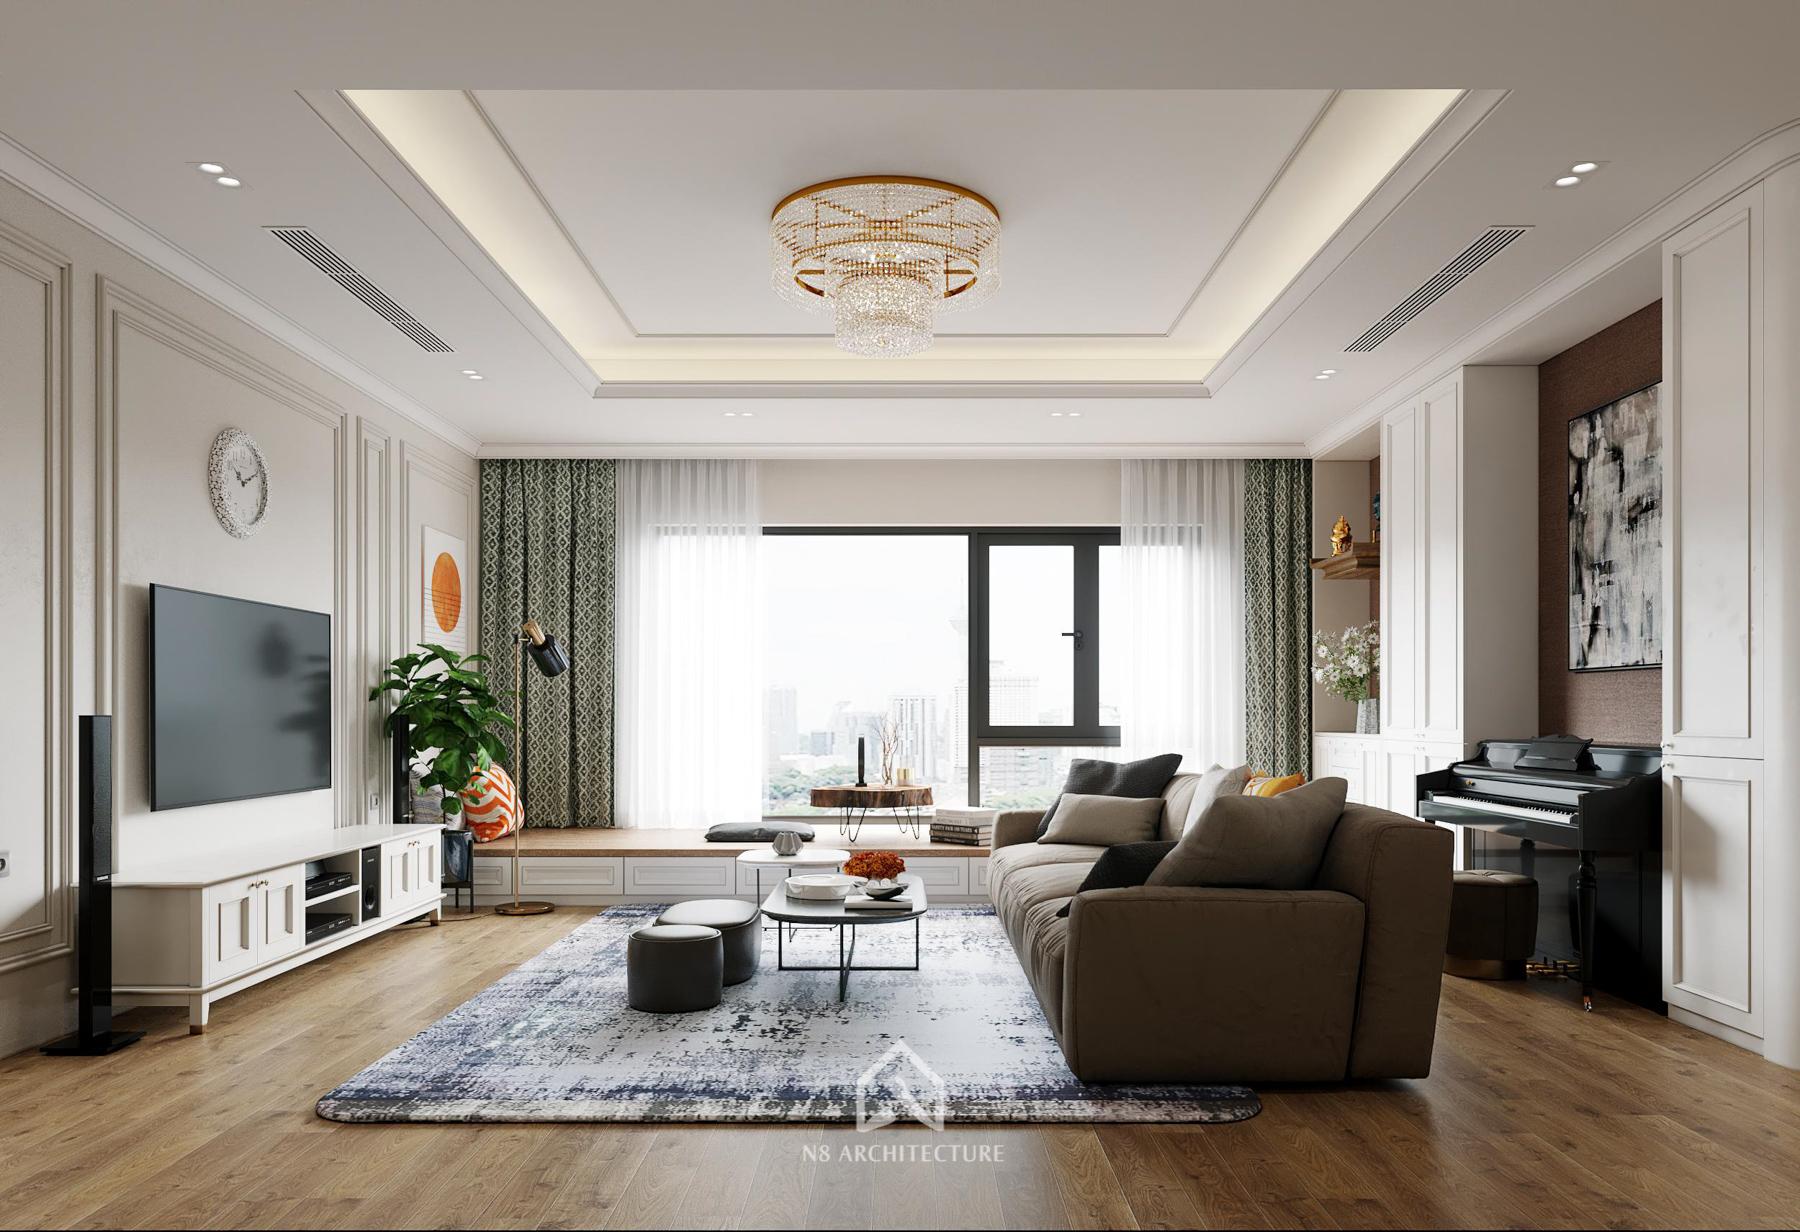 thiết kế nội thất chung cư paragon 3